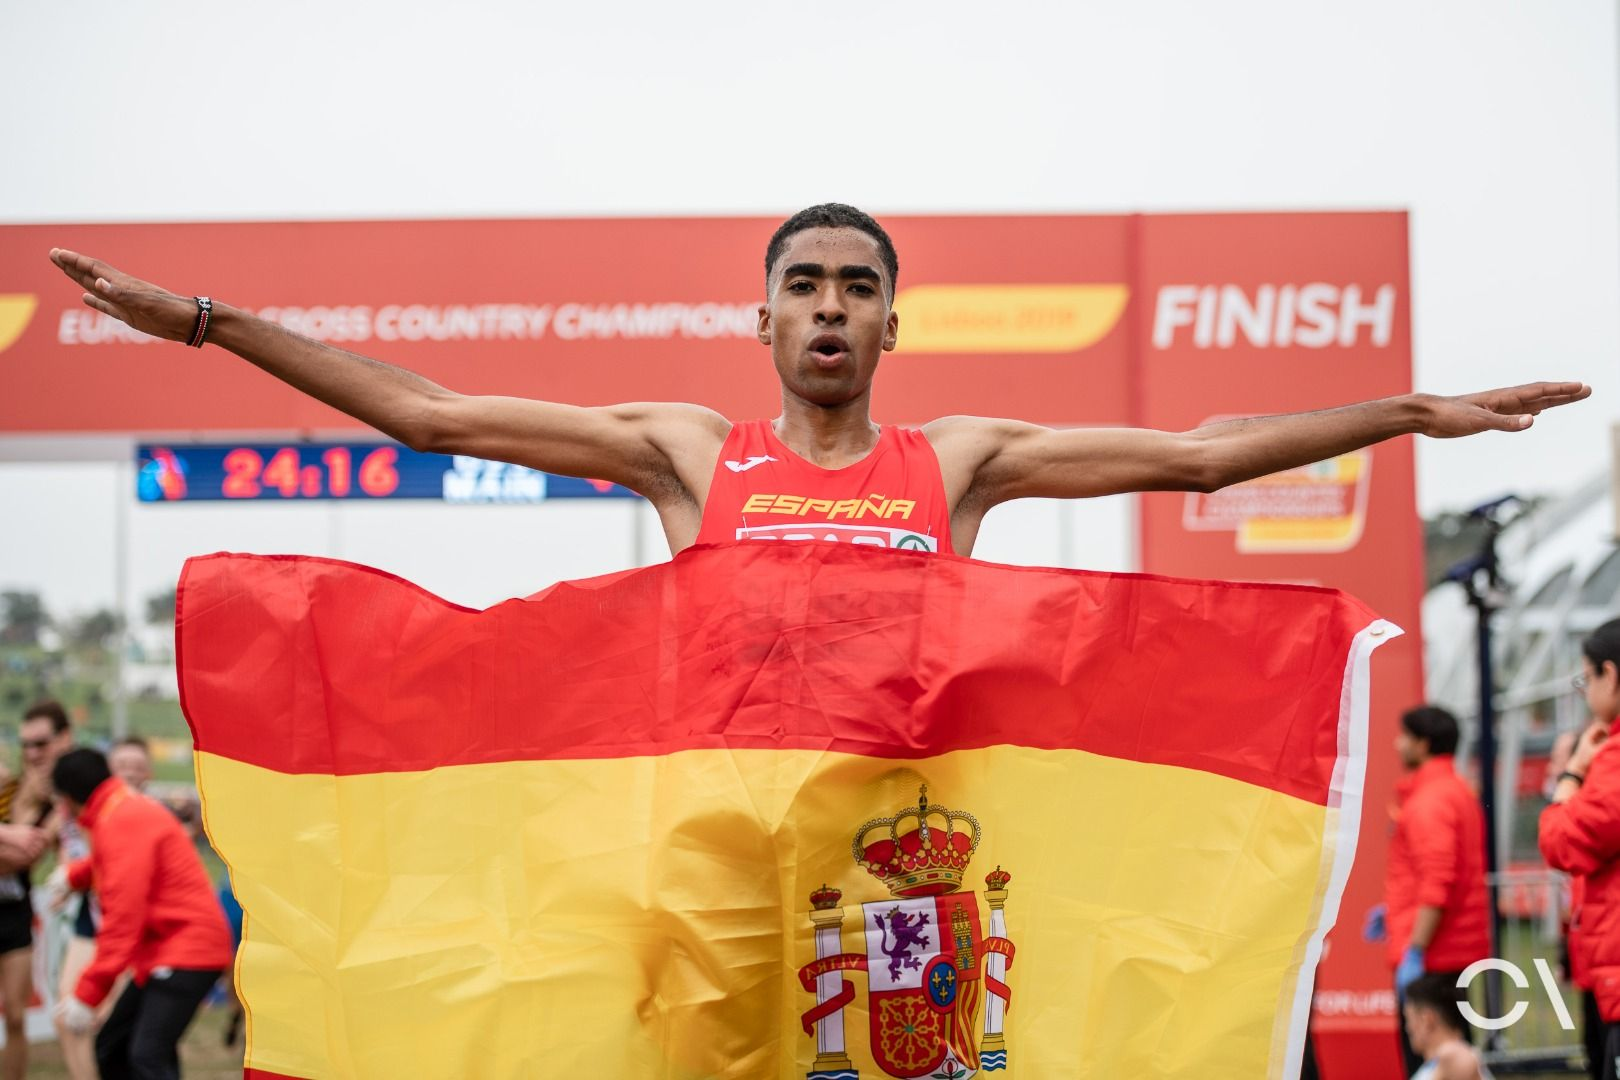 Campeonato de Europa de Cross 2019 | CARRERAS SUB 23